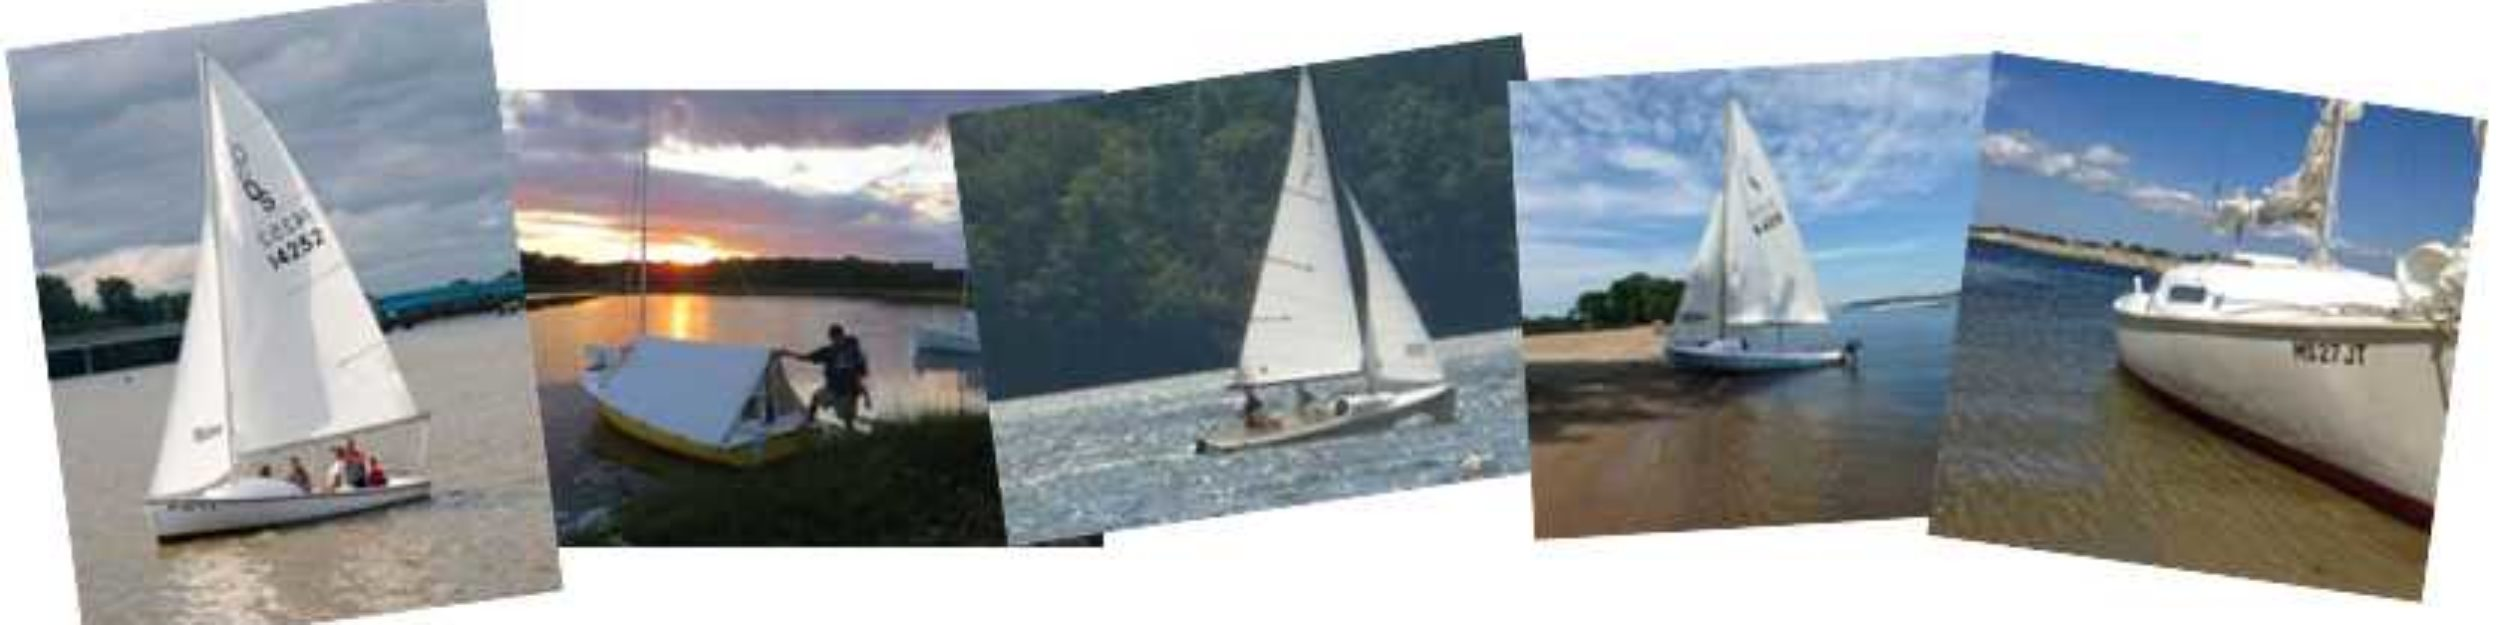 舟遊び、ヨット、ボート交流倶楽部